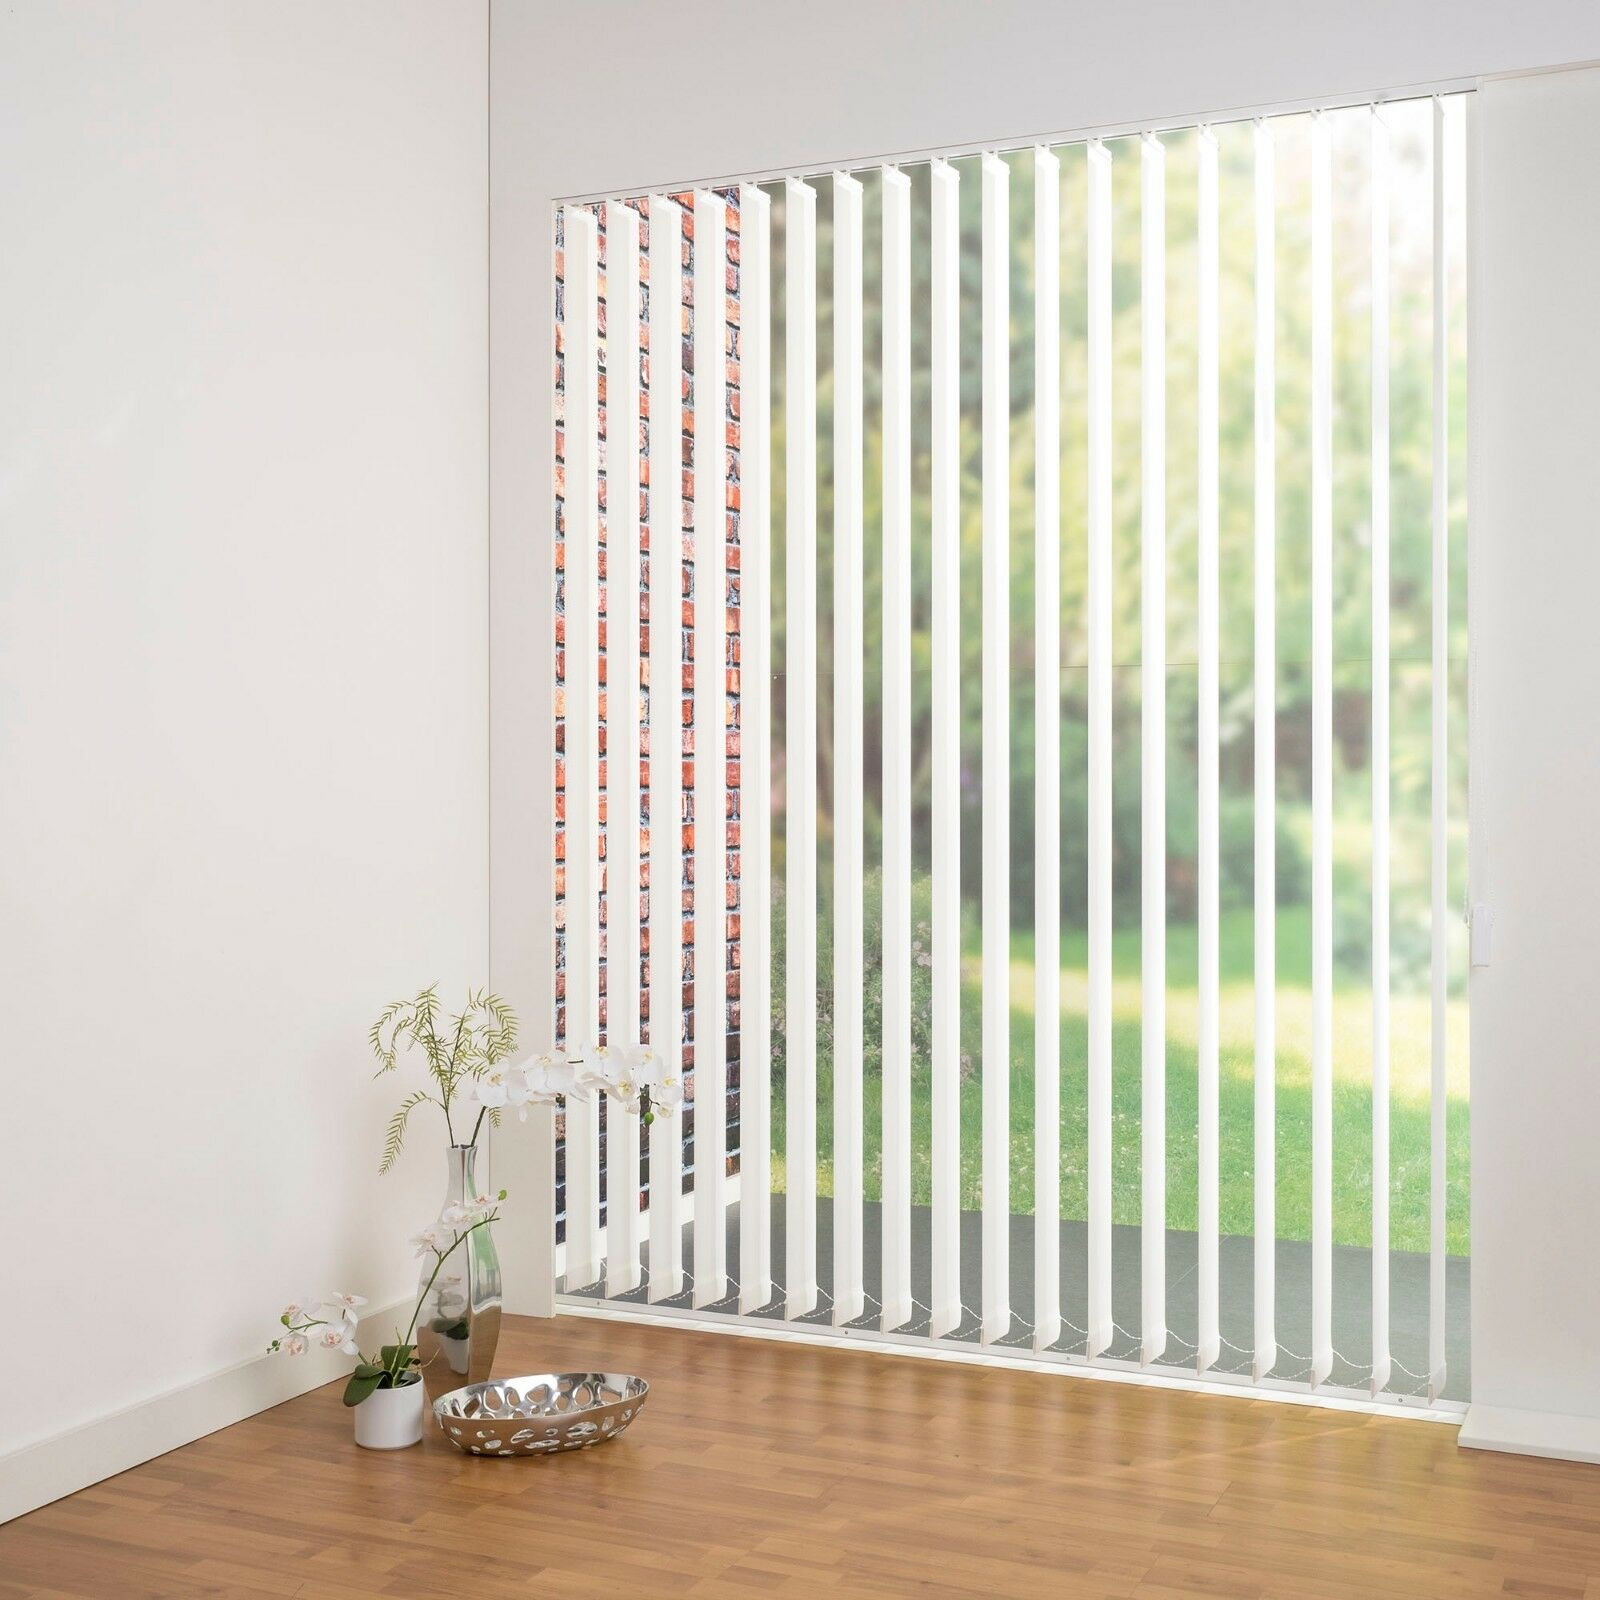 Lamellenvorhang Grünikalanlage Lamelle 89, 127 127 127 mm -  Länge kürzbar - weiss weiß   Ausgezeichnet (in) Qualität  a10b87